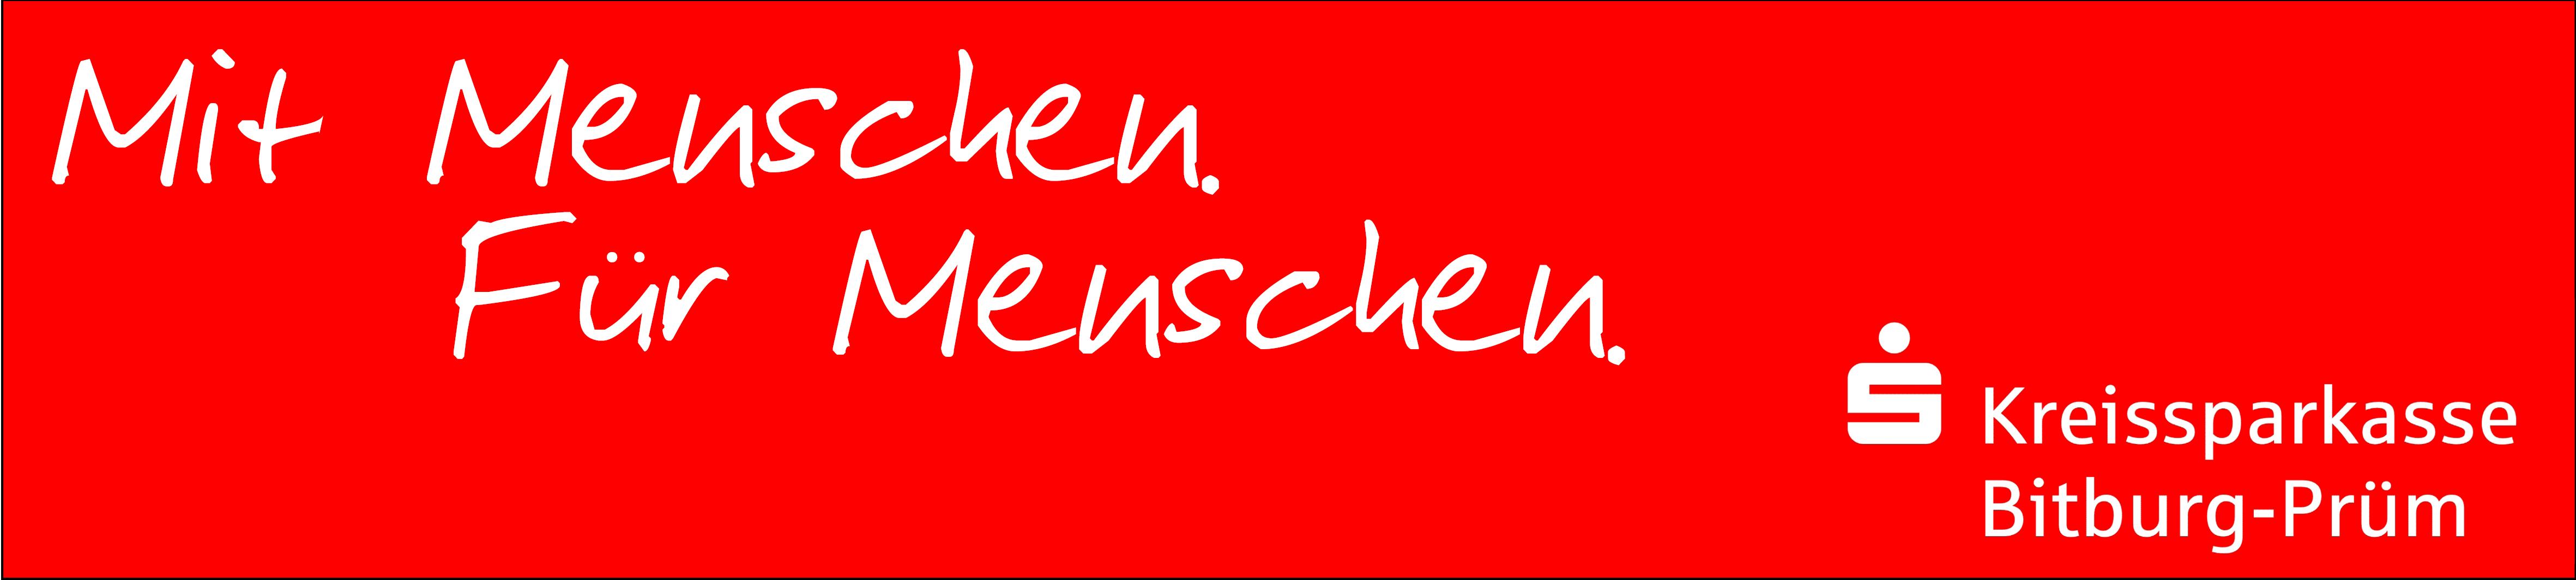 Logo_Mit Menschen Fuer Menschen